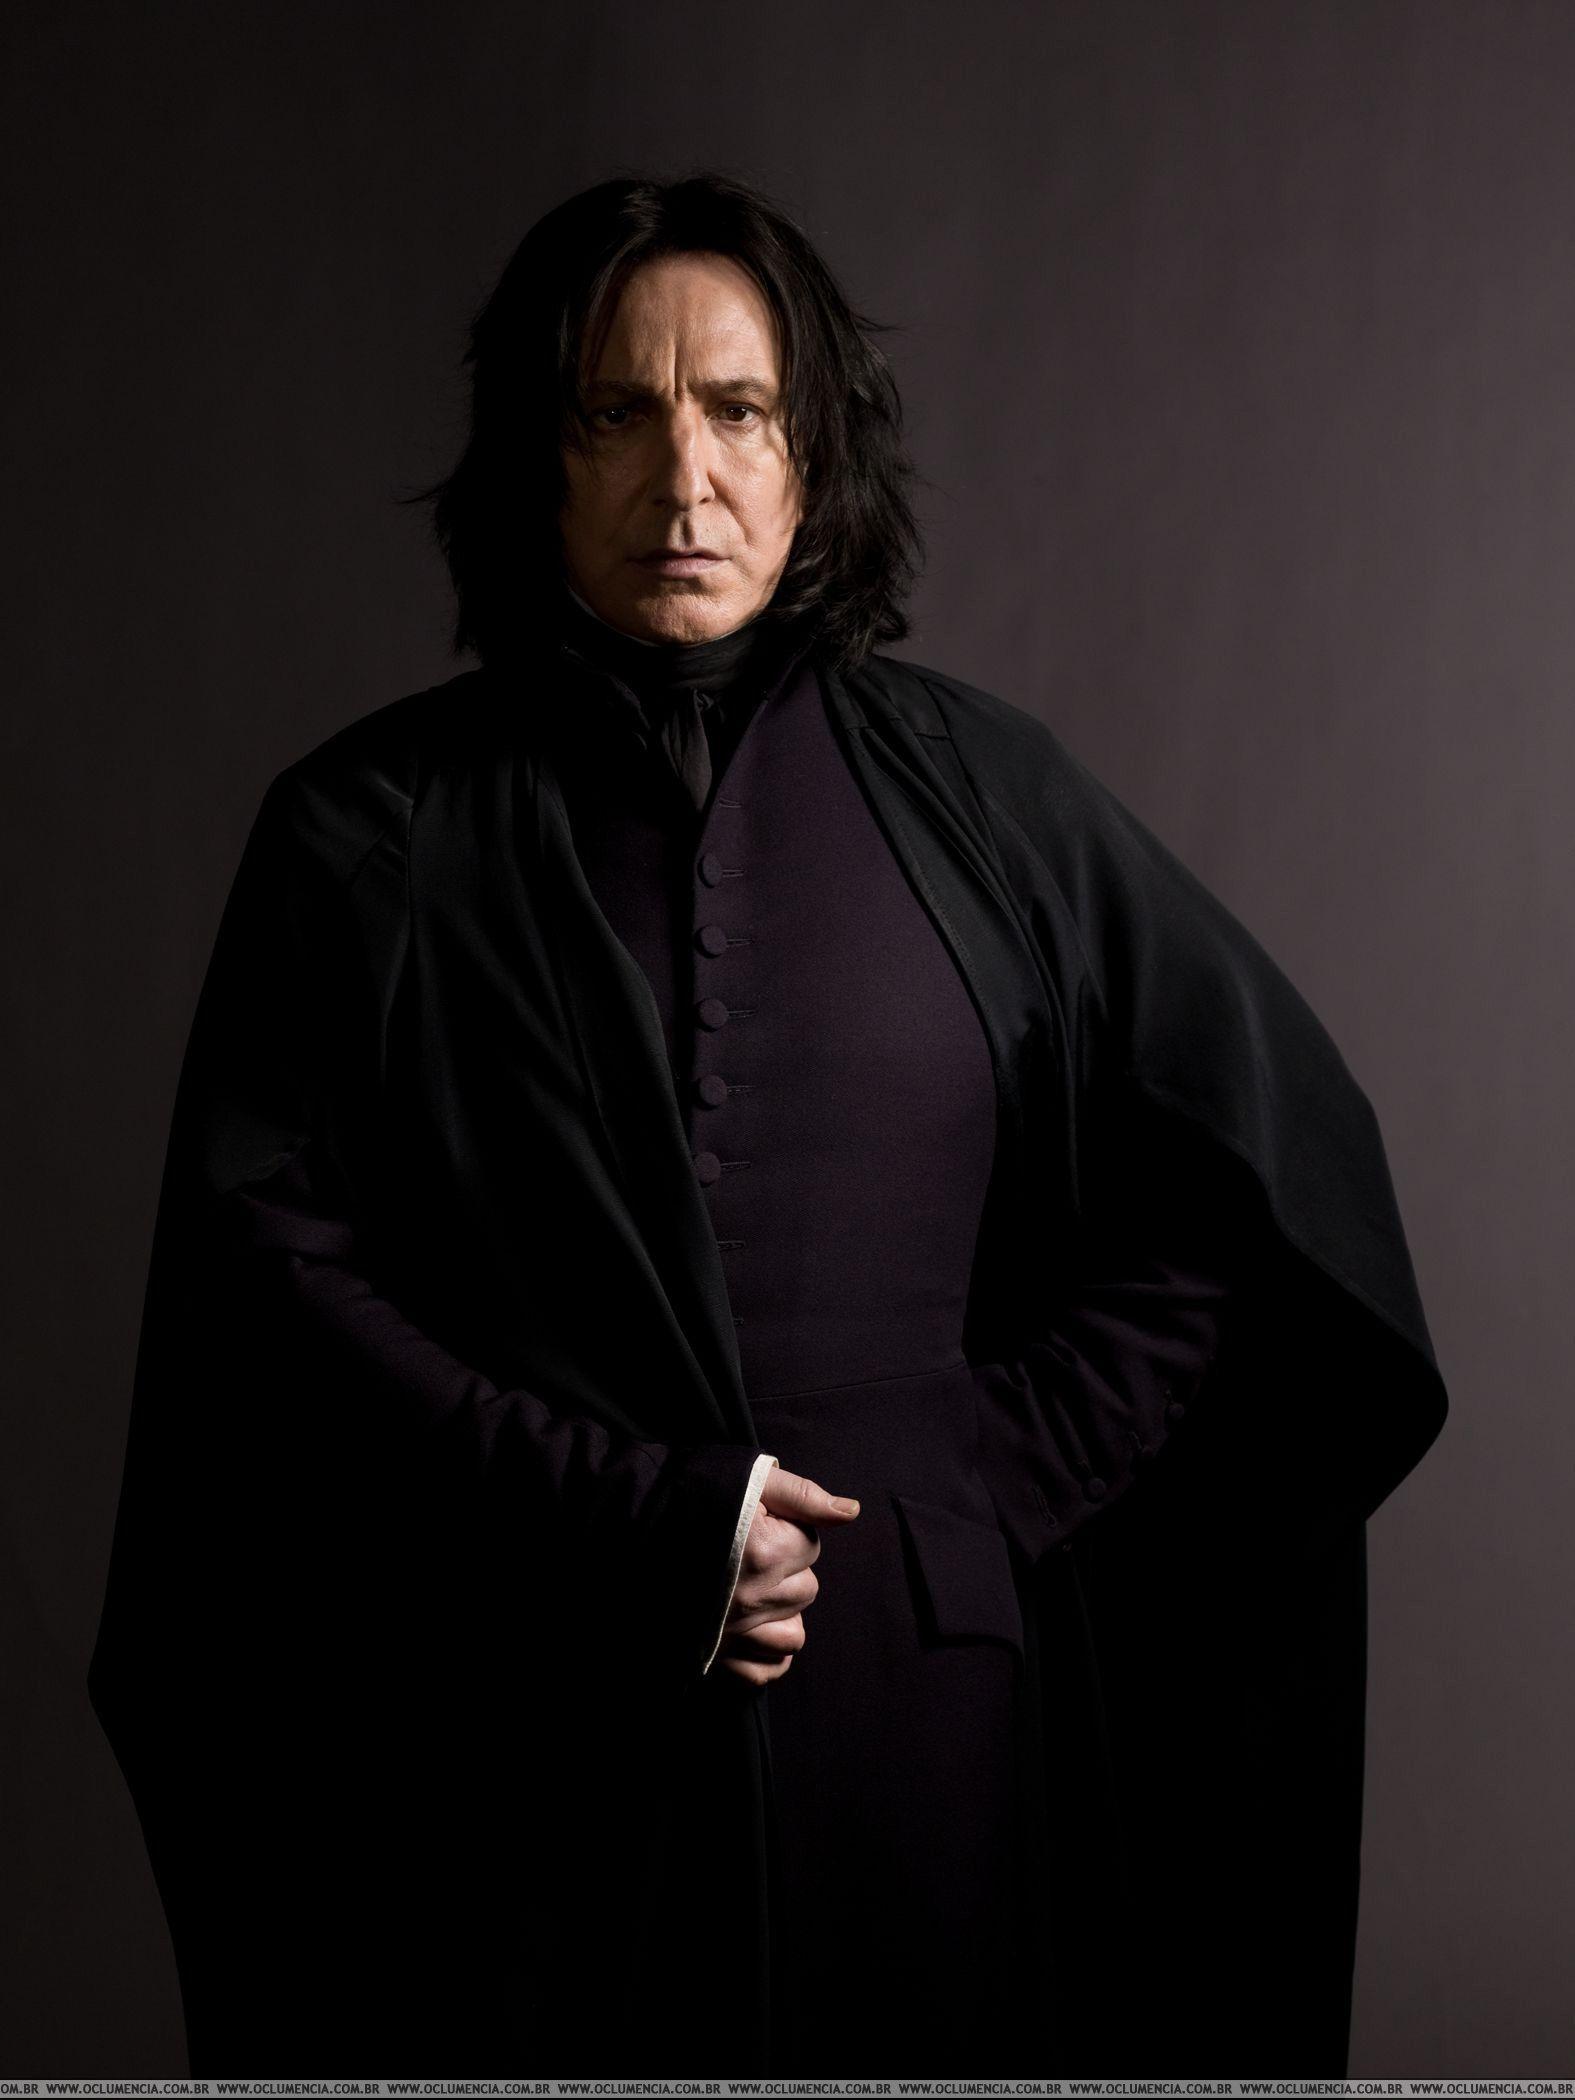 Severus Snape Harry Potter Wiki Harry Potter Severus Snape Snape Harry Potter Alan Rickman Harry Potter